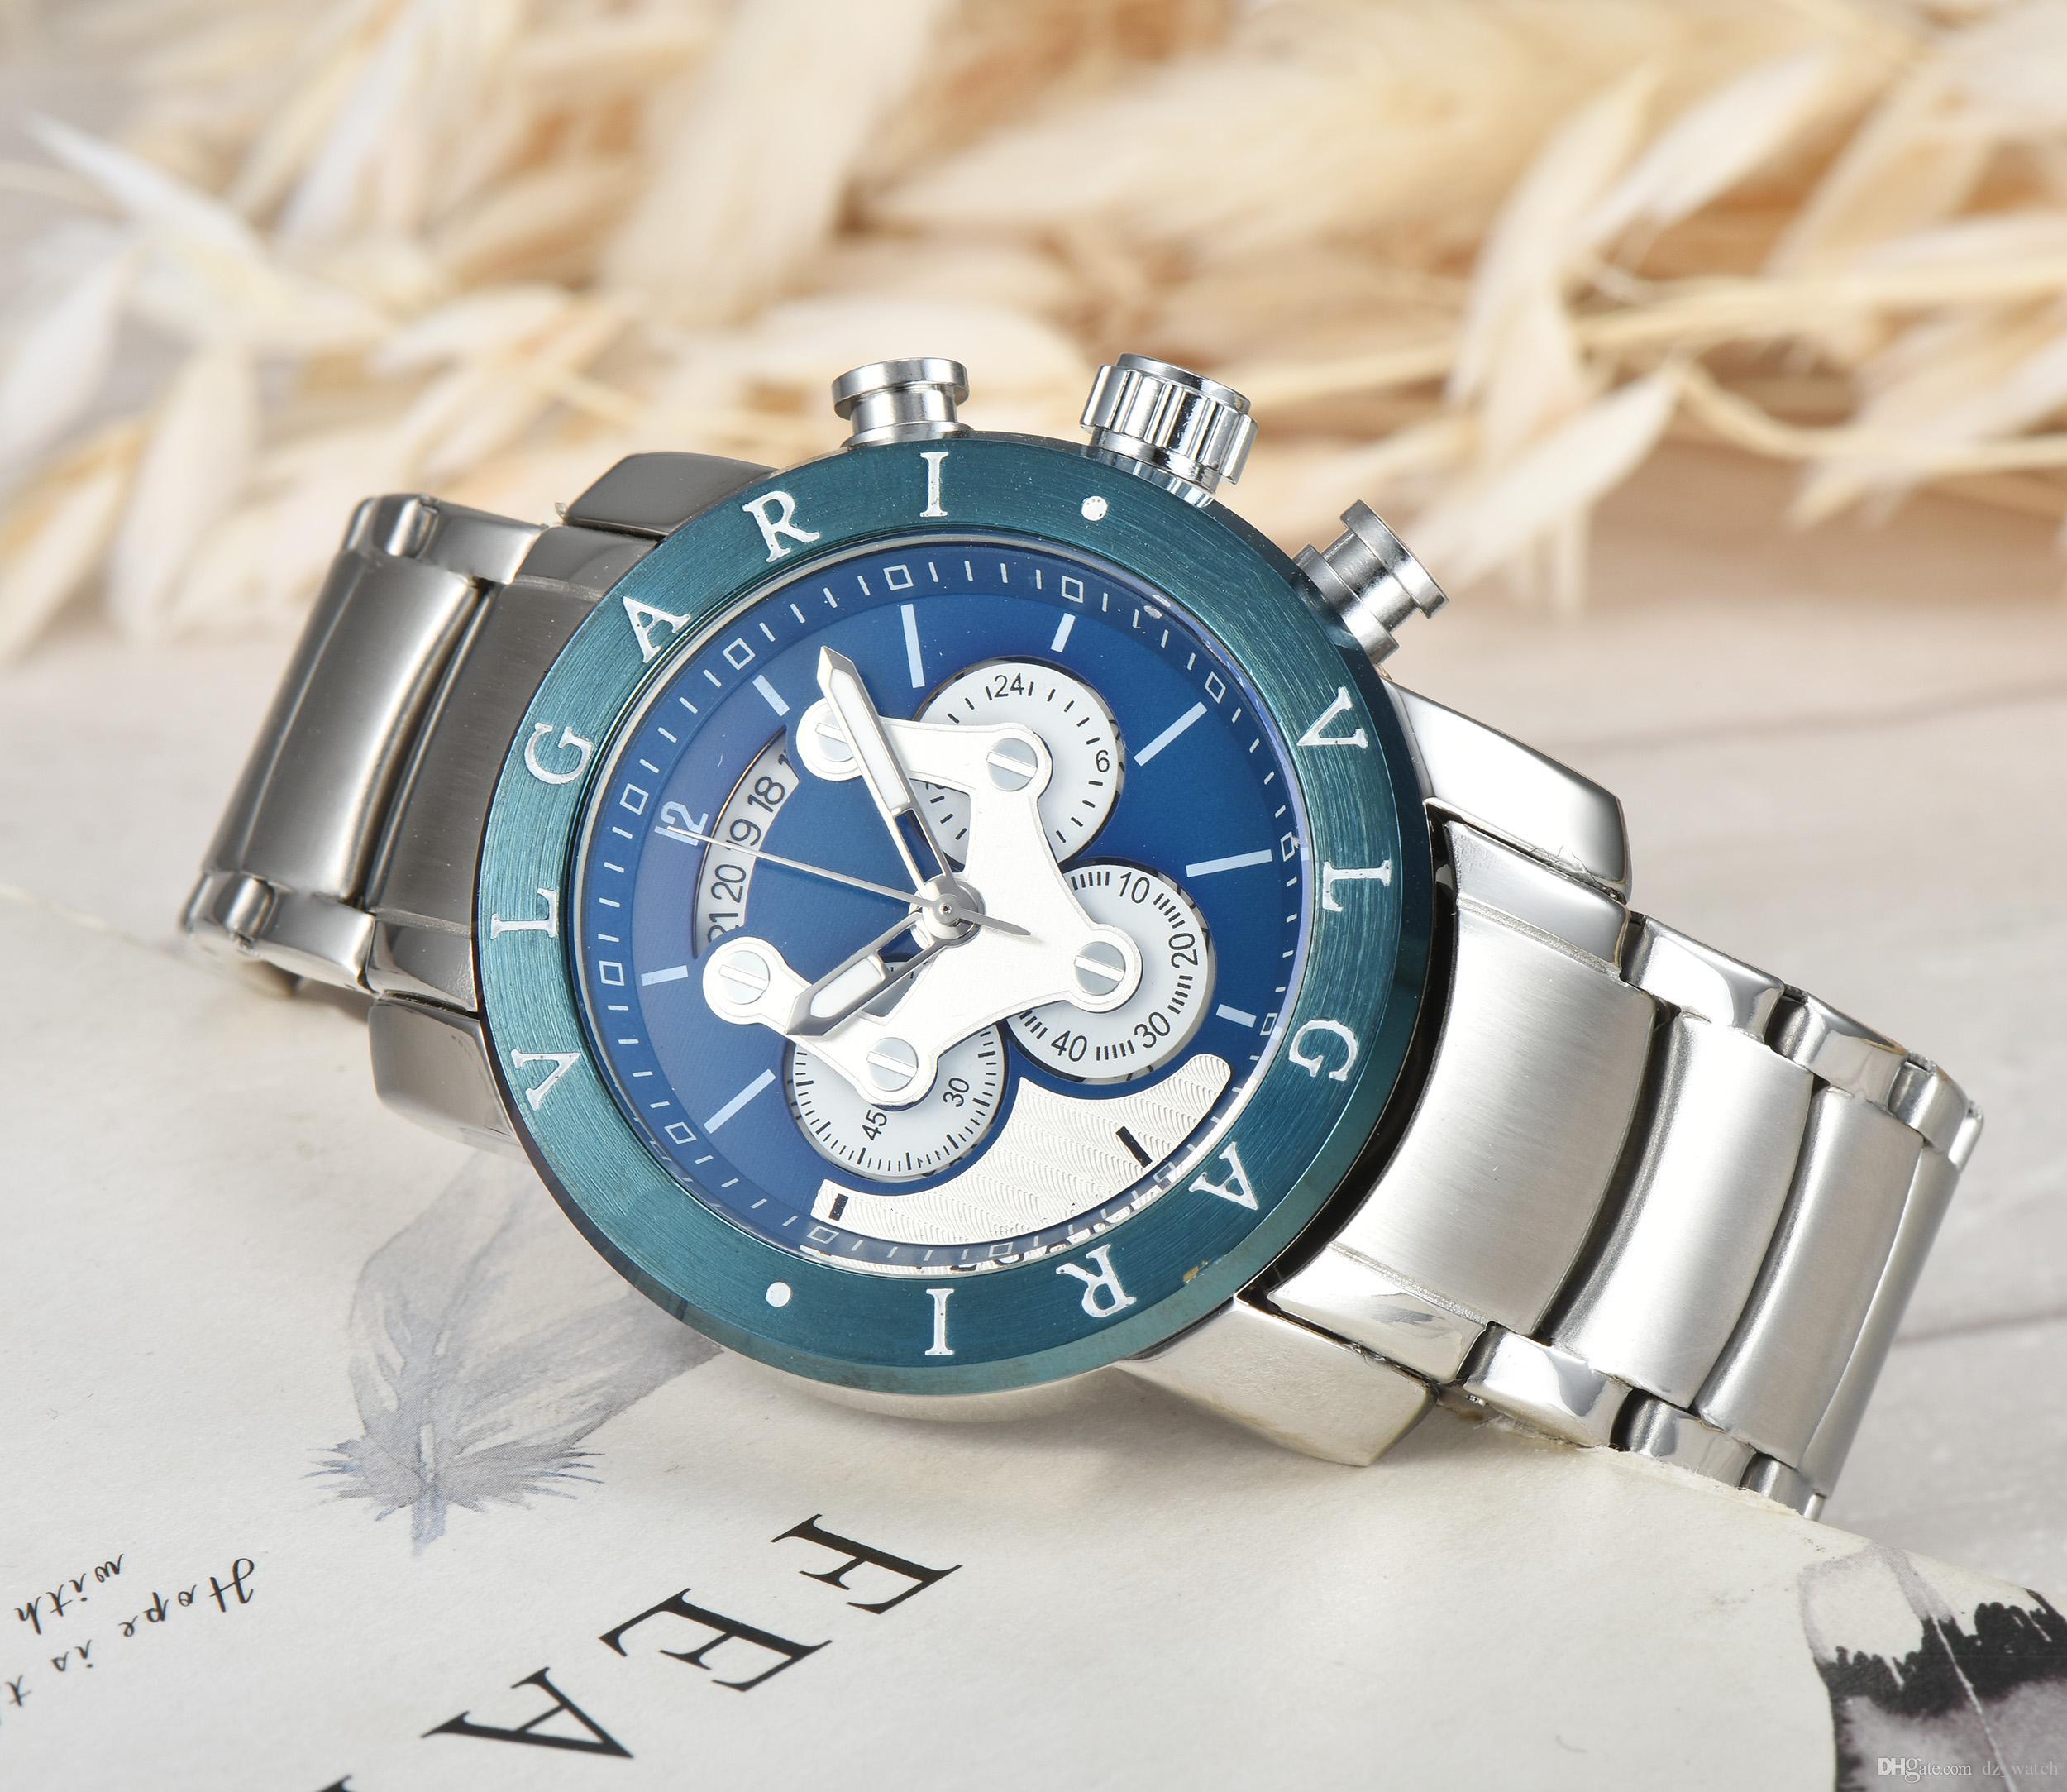 Relogio Masculino Nueva cronógrafo del deporte para hombre de los relojes de primeras marcas de lujo completa de acero del cuarzo del reloj impermeable de gran línea de los hombres del reloj